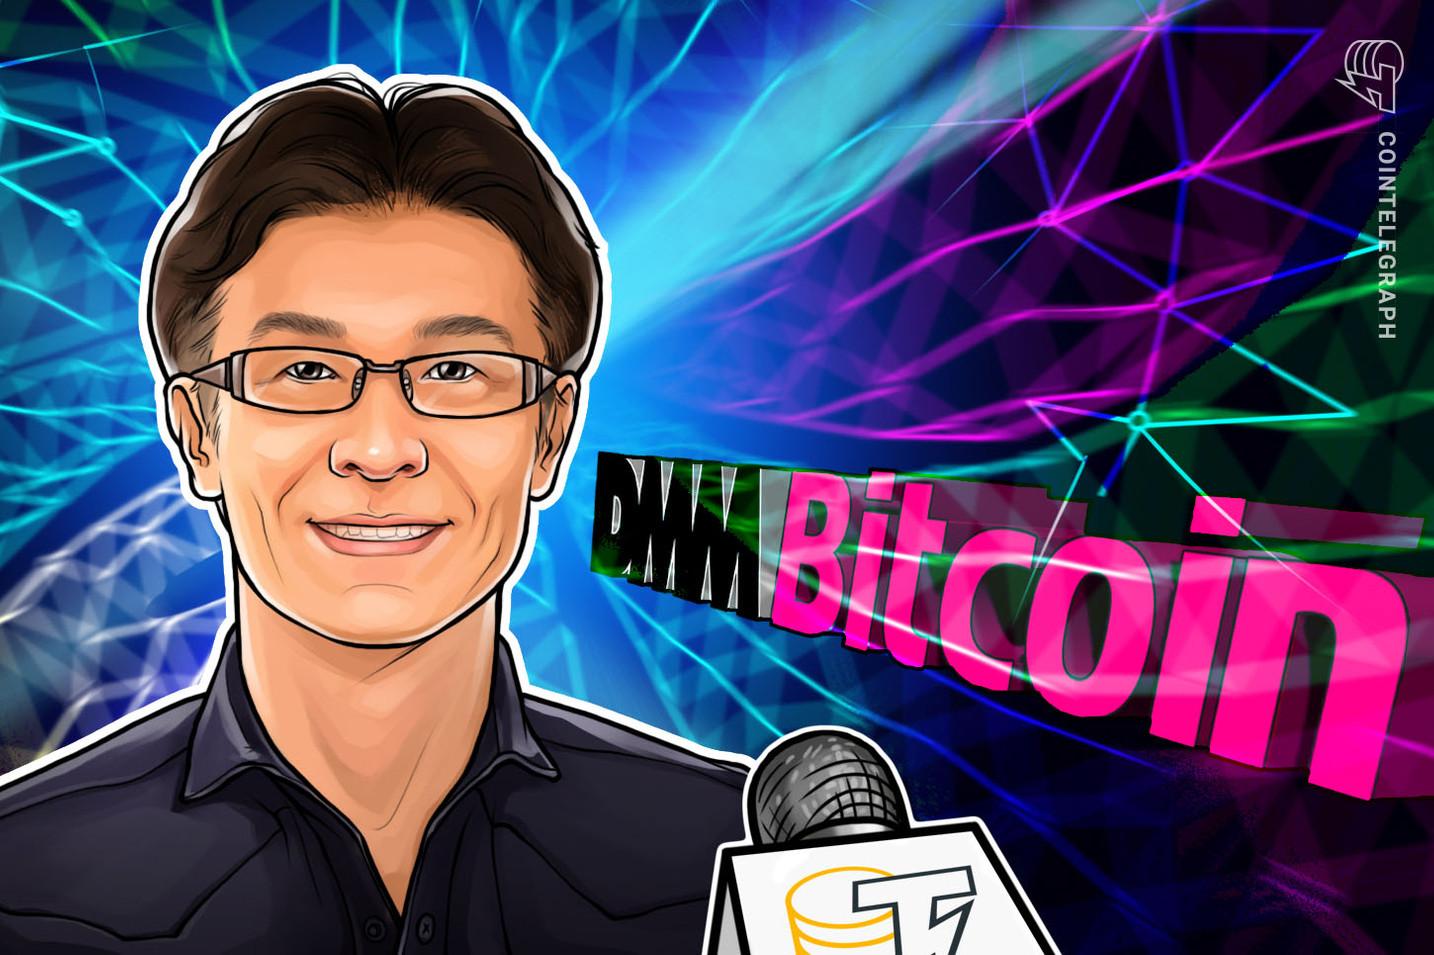 仮想通貨取引所DMMビットコイン、新機能「BitMatch注文」導入 | 田口社長に狙いを聞く